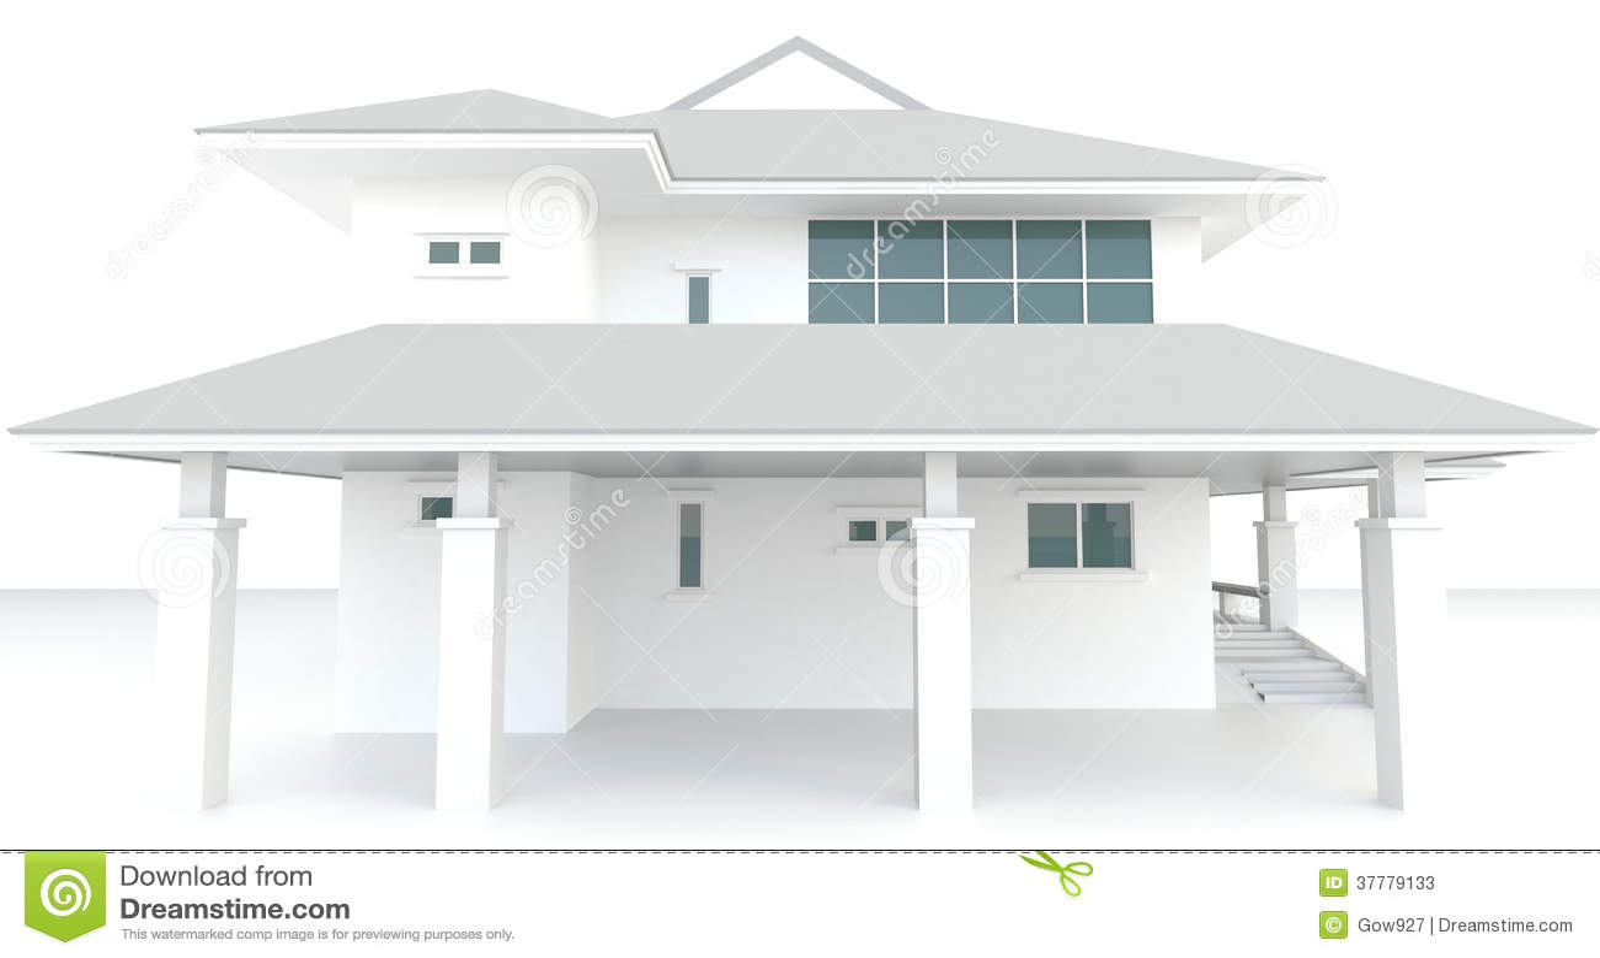 conception maison 3d cheap interesting maison prvoit la conception d rendu personnalis modle de. Black Bedroom Furniture Sets. Home Design Ideas